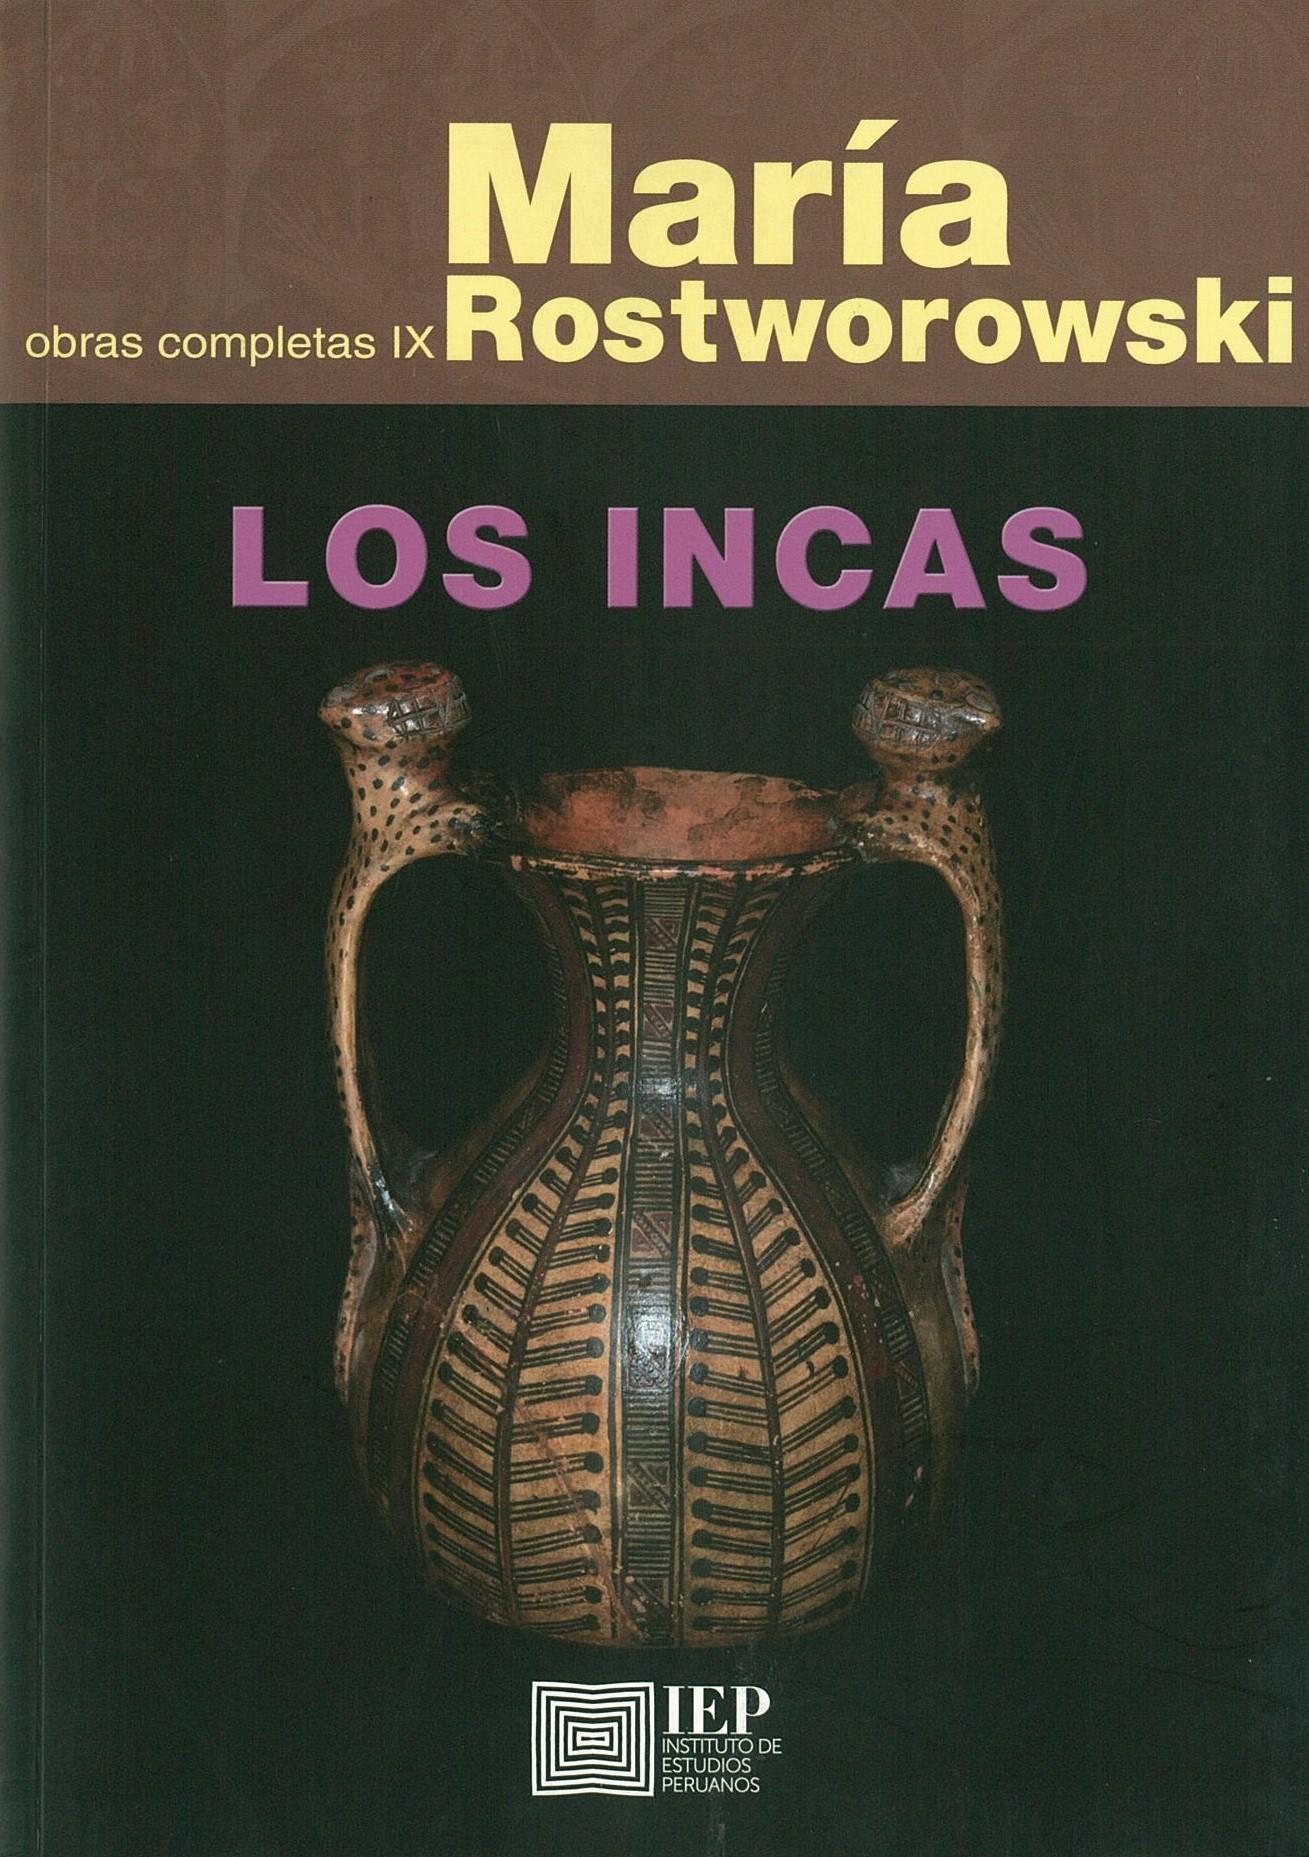 Los Incas. Obras completas IX